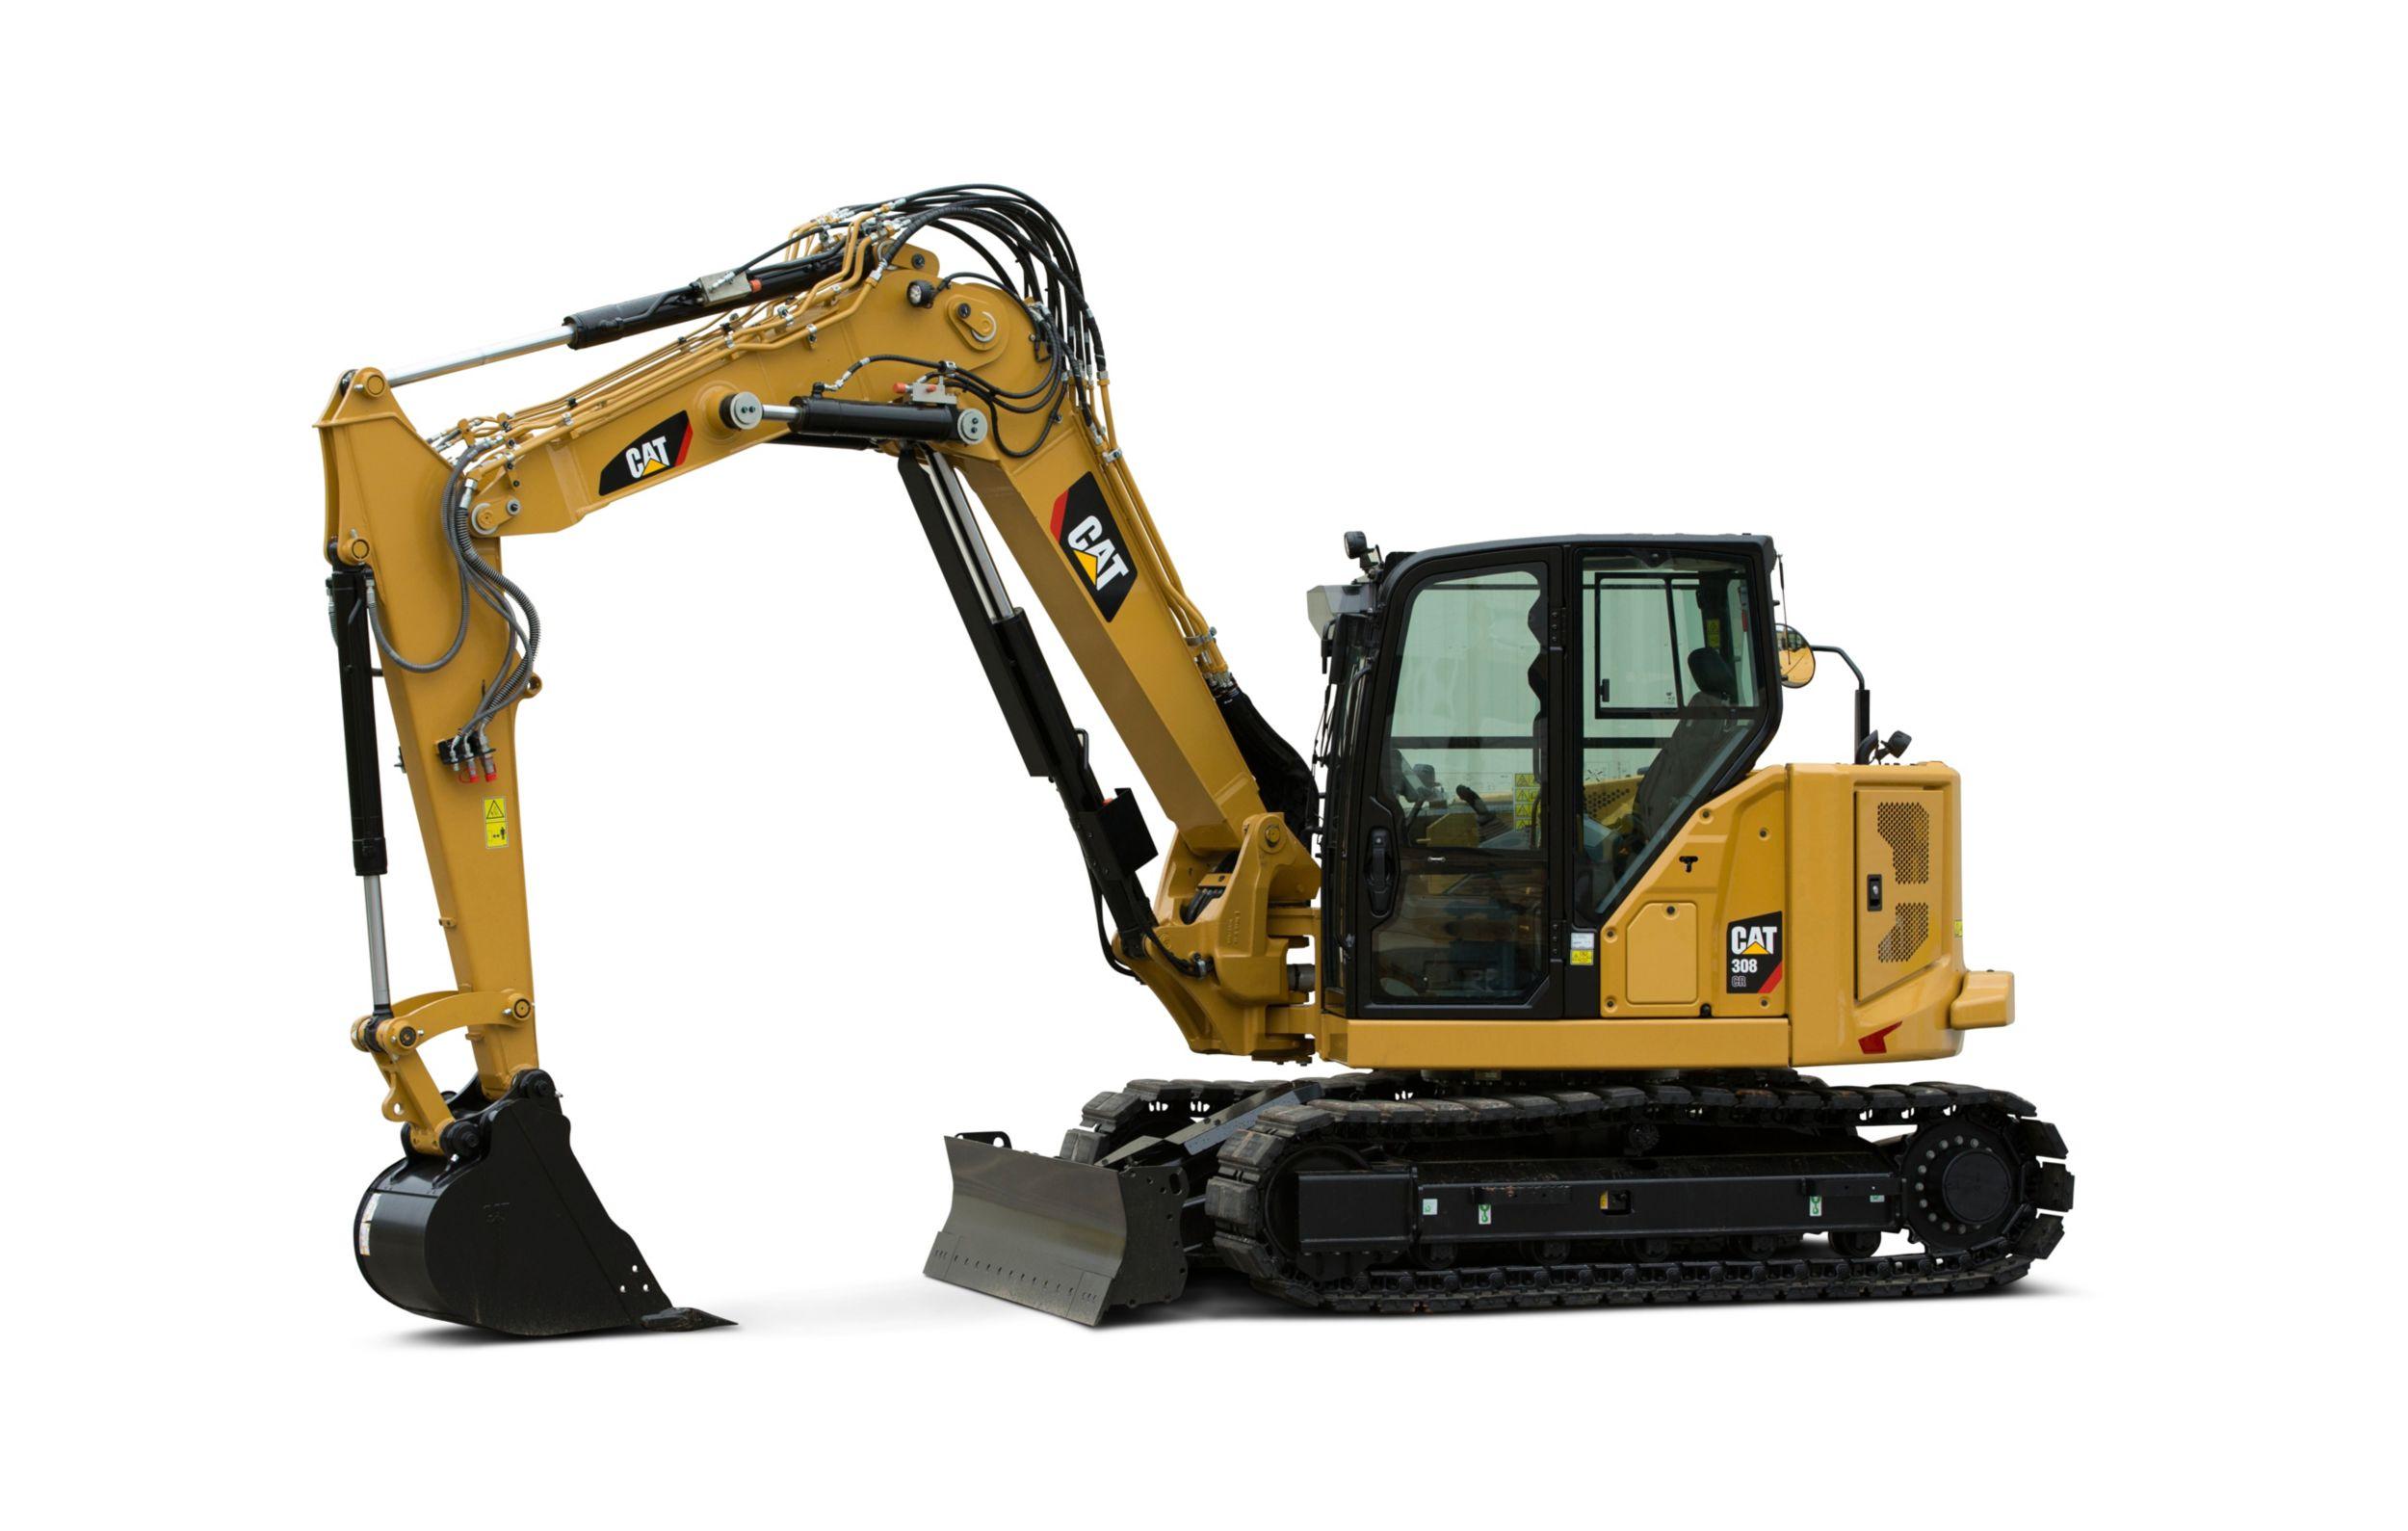 Cat 308 Cr Vab Mini Hydraulic Excavator Caterpillar